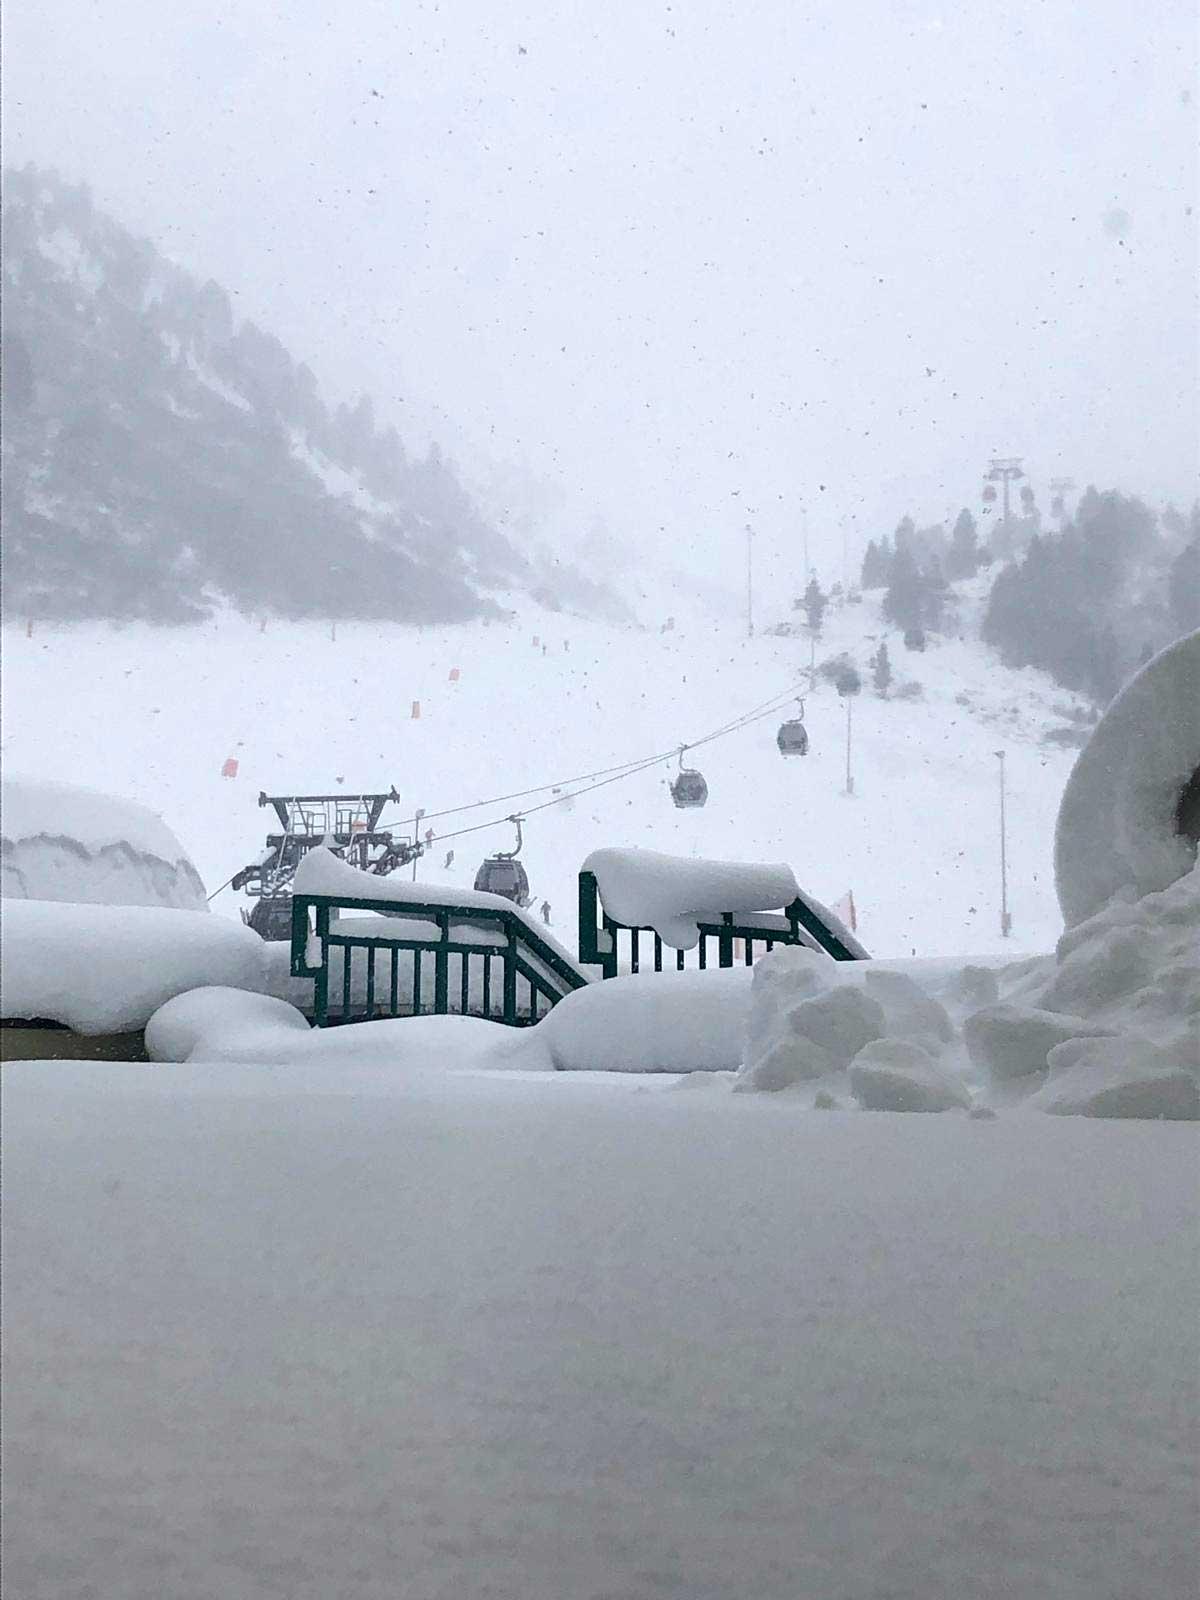 Snow Update aus Obergurgl-Hochgurgl - Neuschnee 10. Dezember 2018